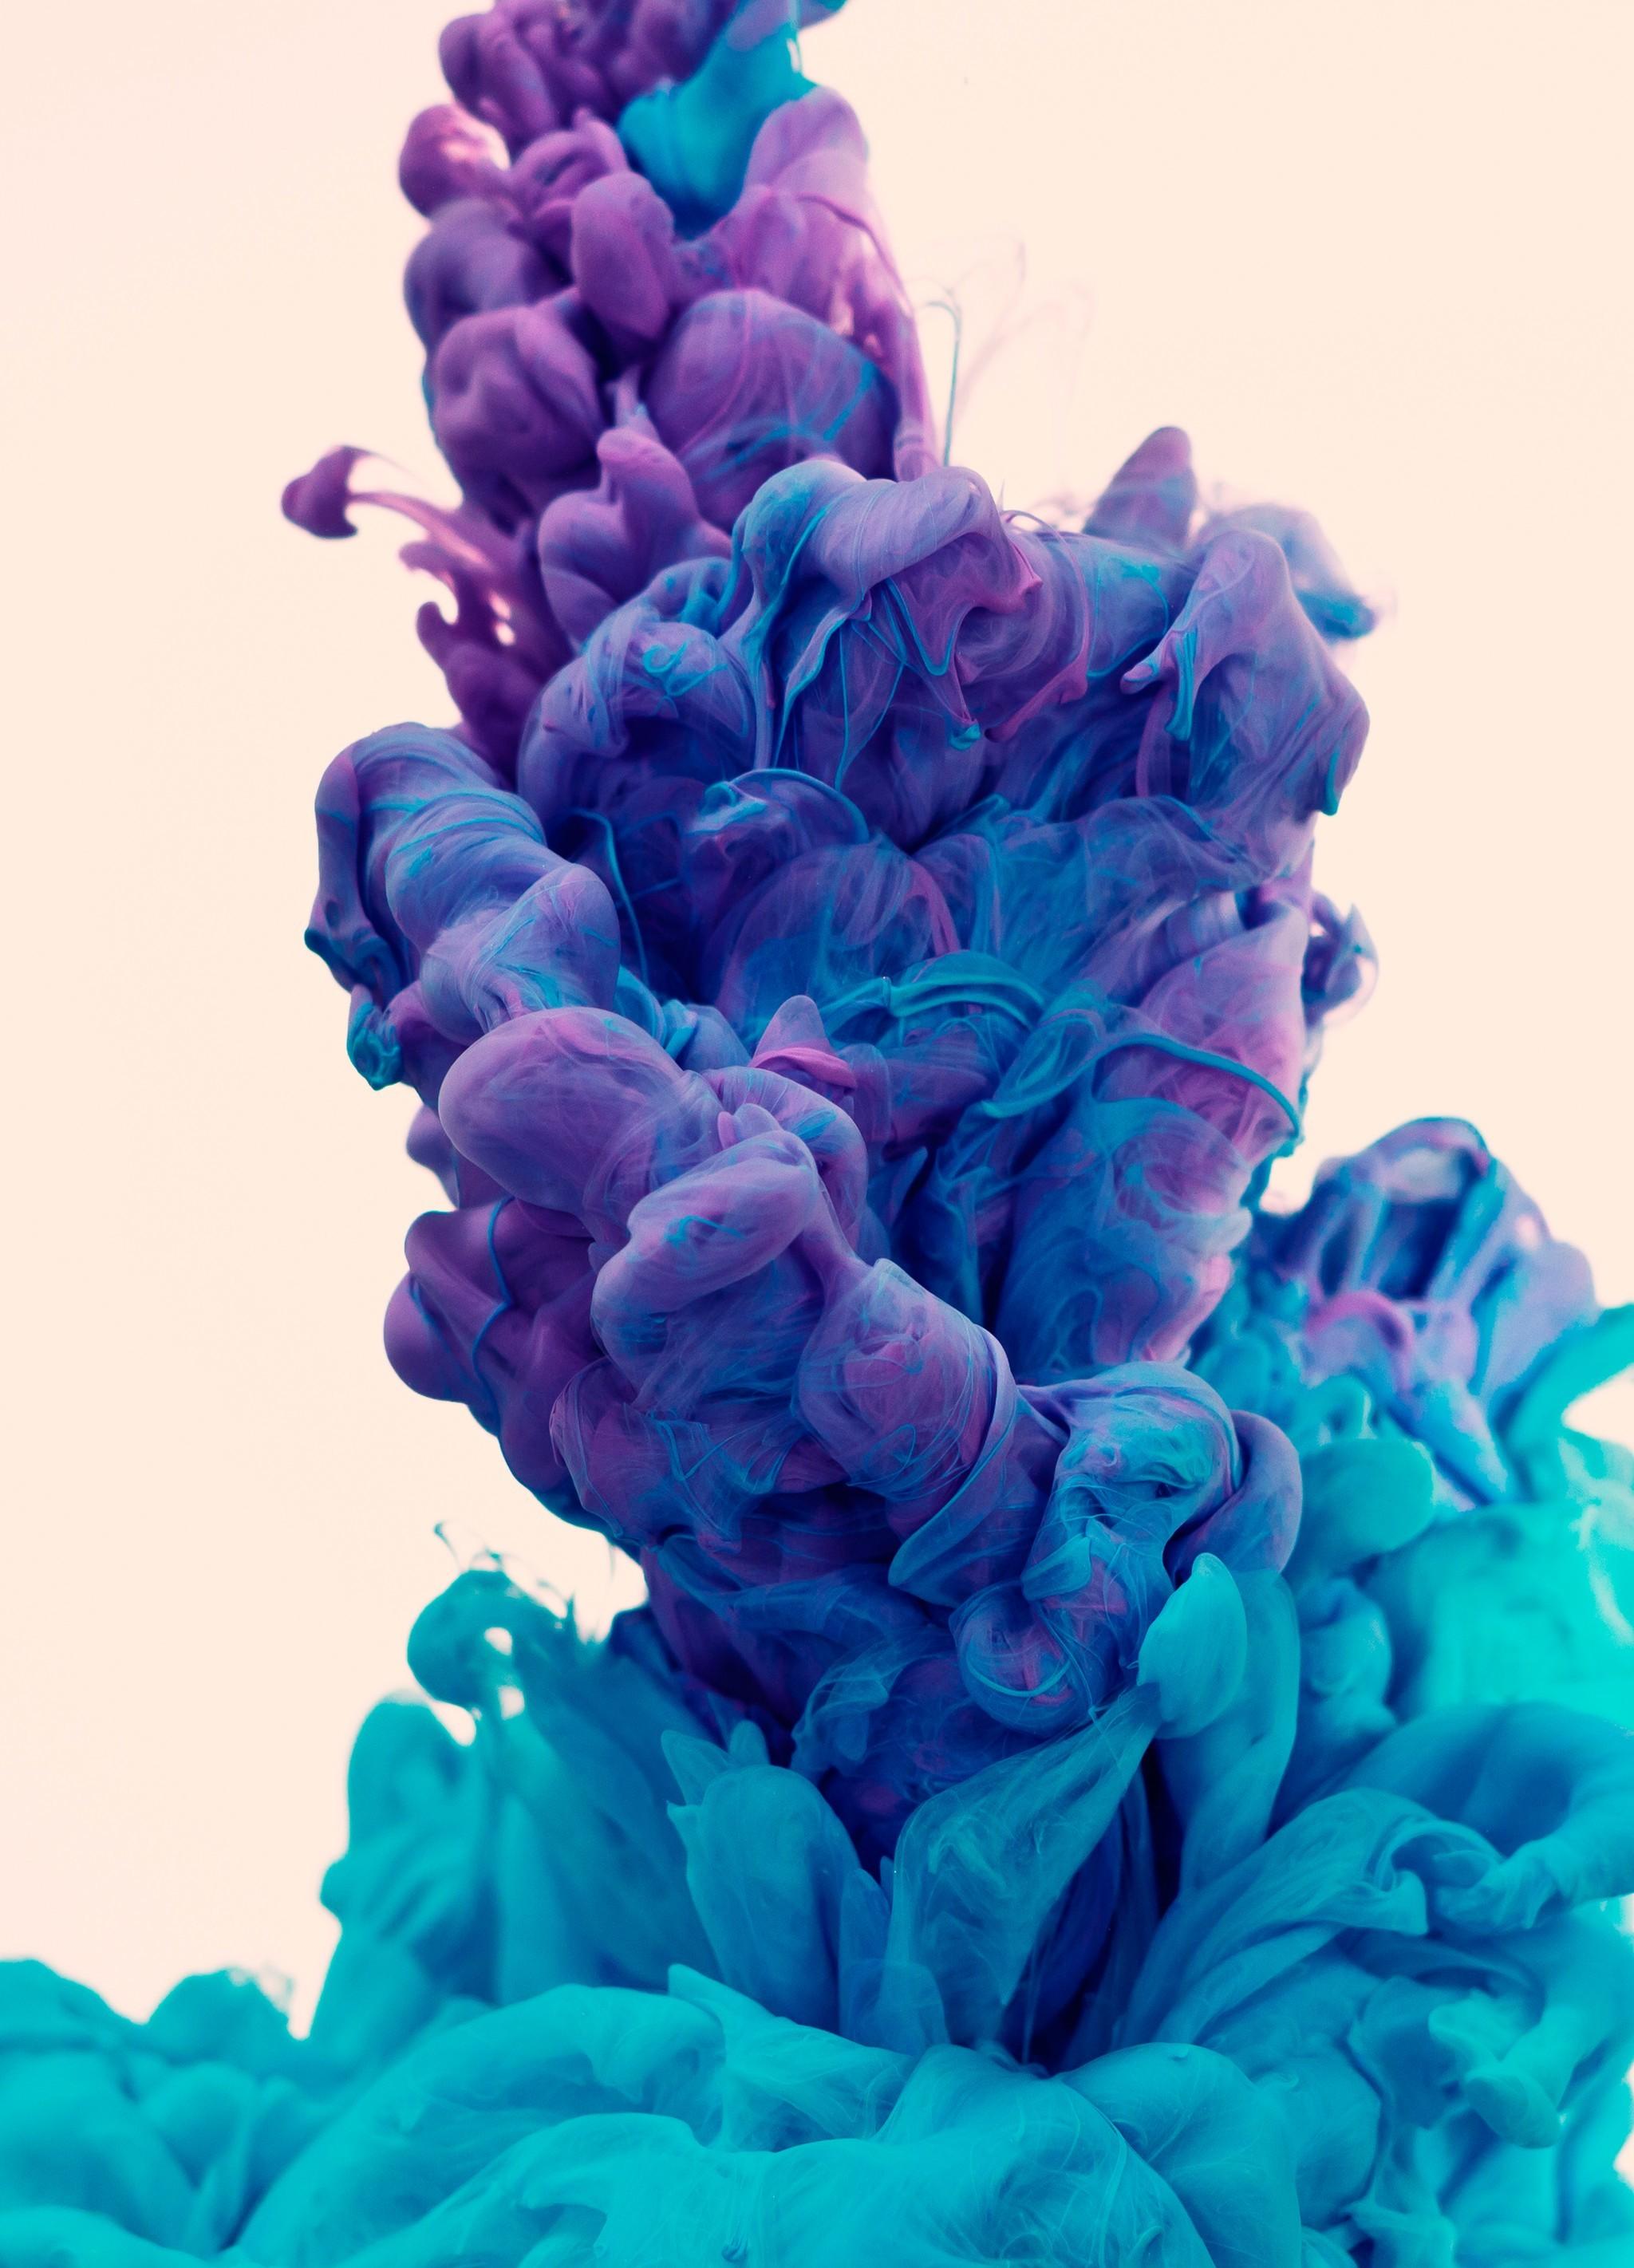 4c516f5c5ecfb3b6bbe8ccd004df5d534f54b639.jpg.2048x99999_q90.jpg  (2048×2843). Colored SmokeSmoke PhotographyAmazing PhotographyPhotography  …